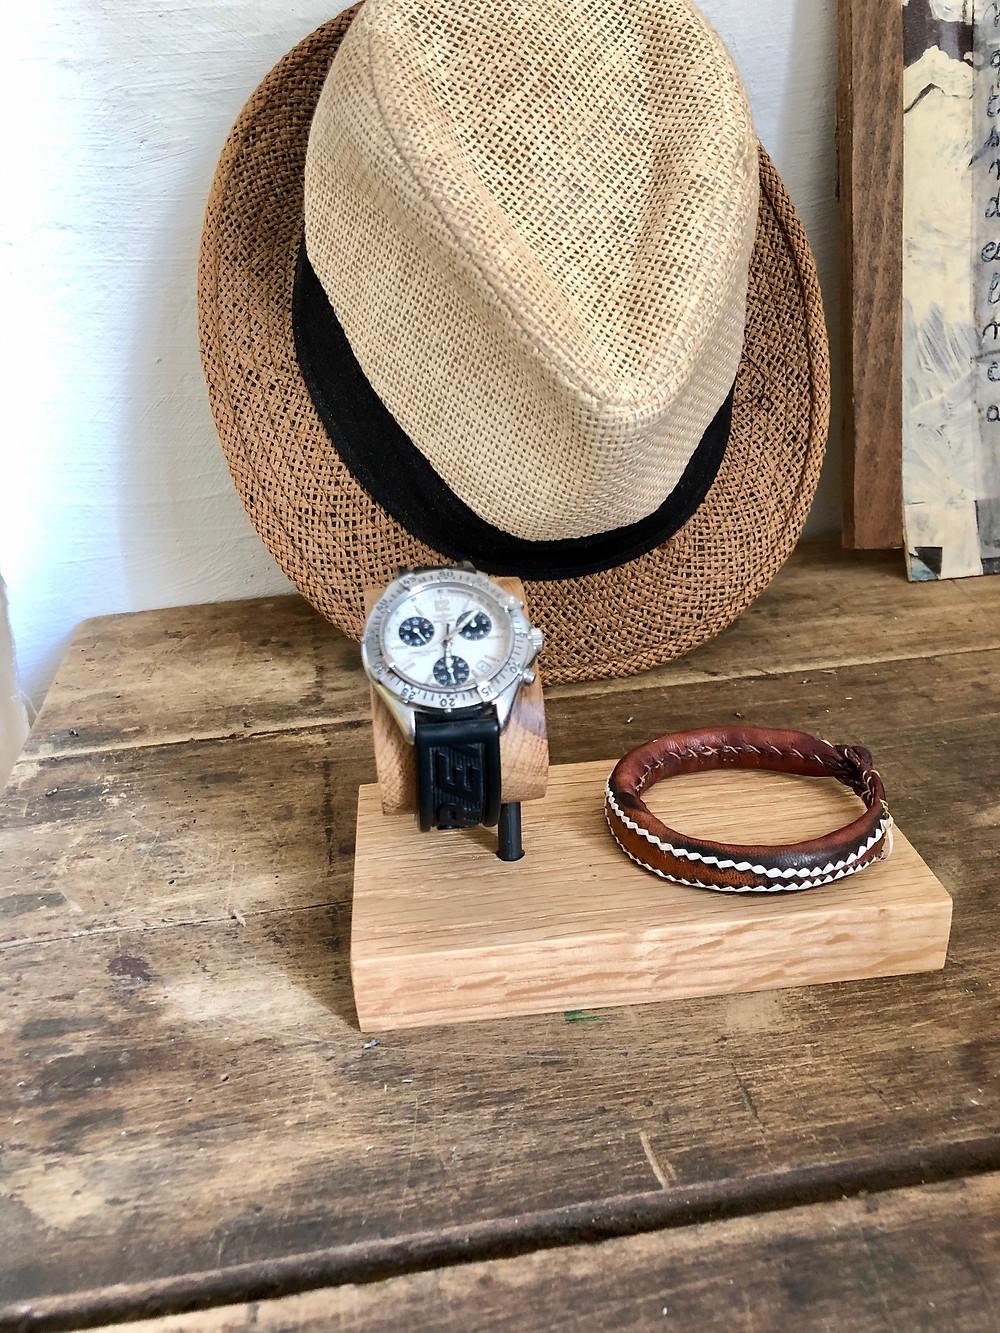 Pourquoi choisir un porte-montre en bois